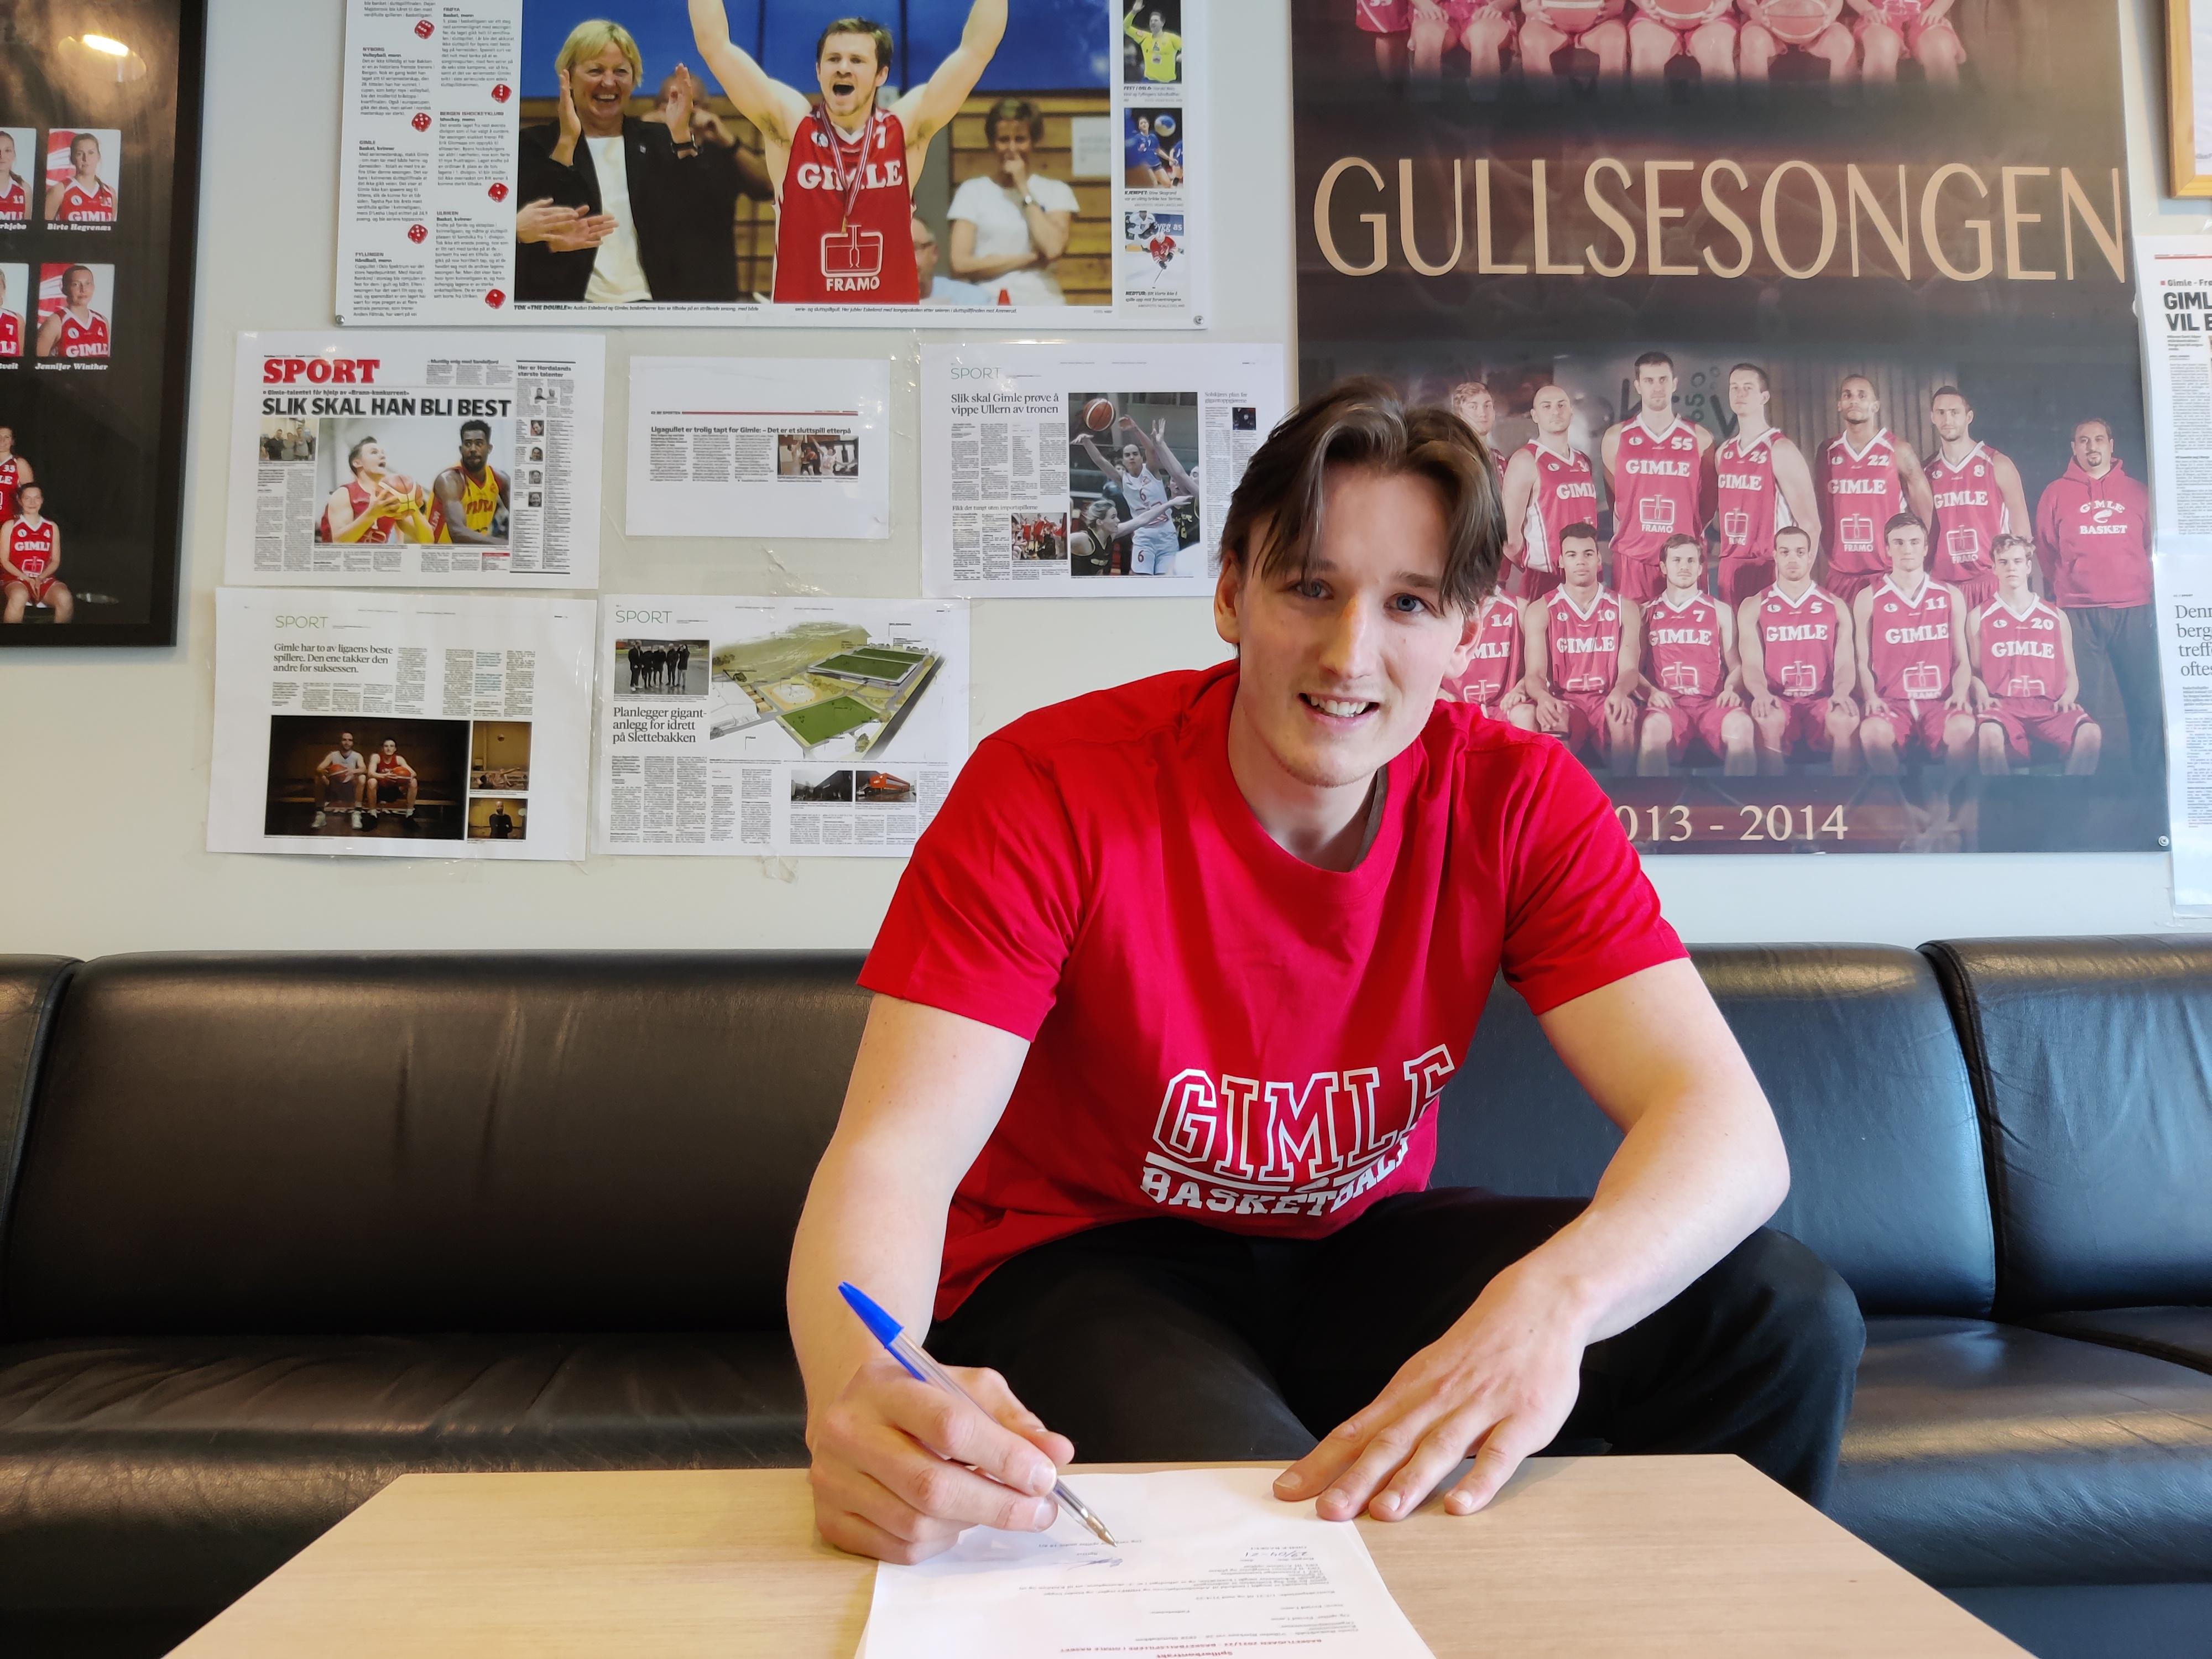 Gimle kan med glede meddele at Eivind Lamo har signert ny kontrakt med BLNO-laget.